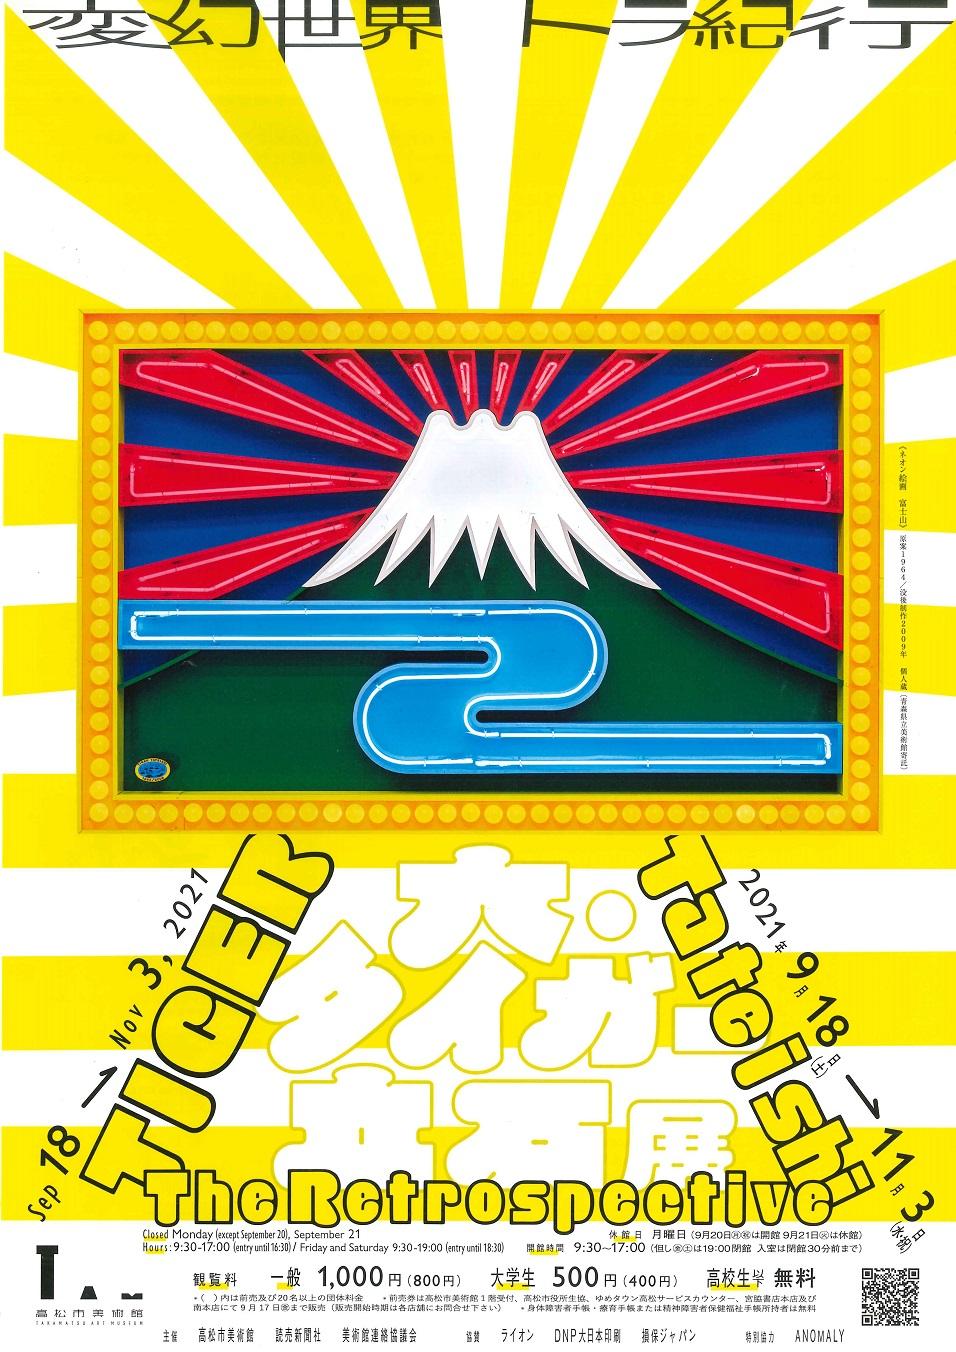 大・タイガー立石展<br>変幻世界トラ紀行<br>高松市美術館